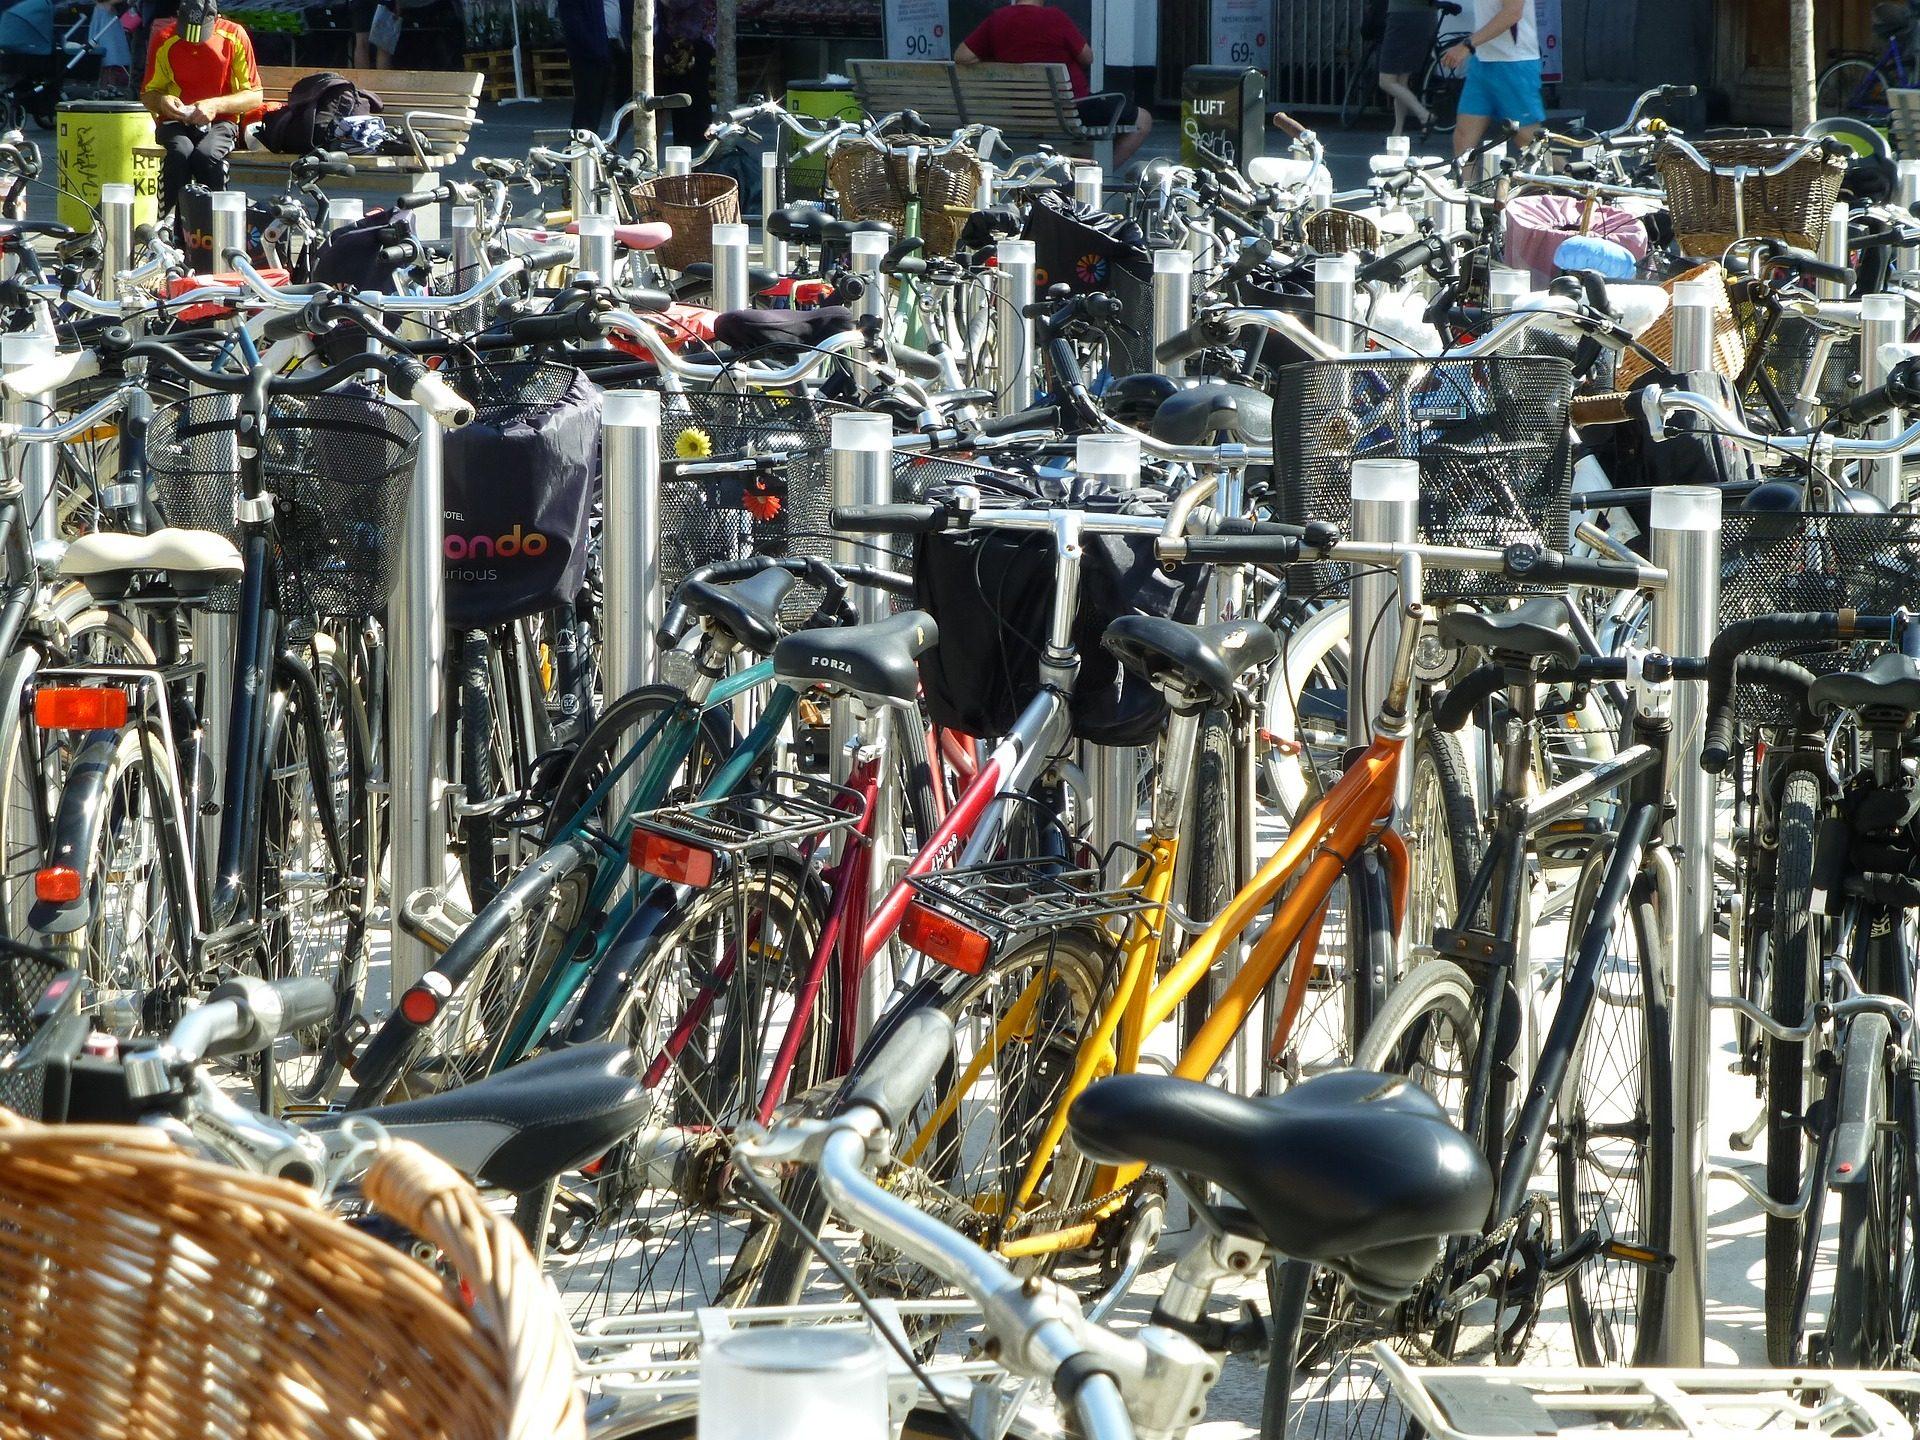 biciclette, Parcheggio, quantità, agglomerazione, metallo - Sfondi HD - Professor-falken.com